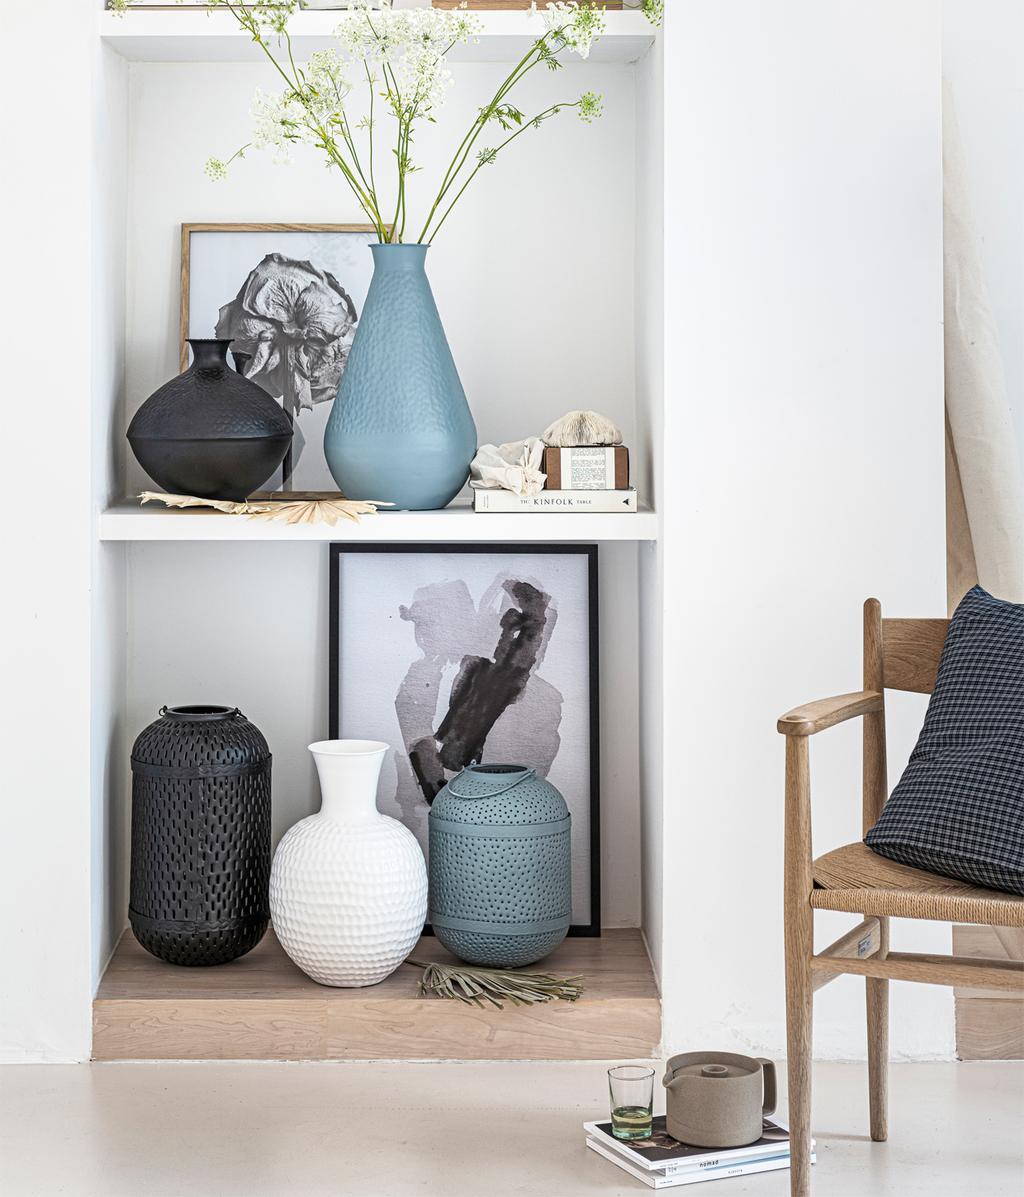 Vazen | accessoires | vtwonen huiscollectie | vtwonen 02-2021